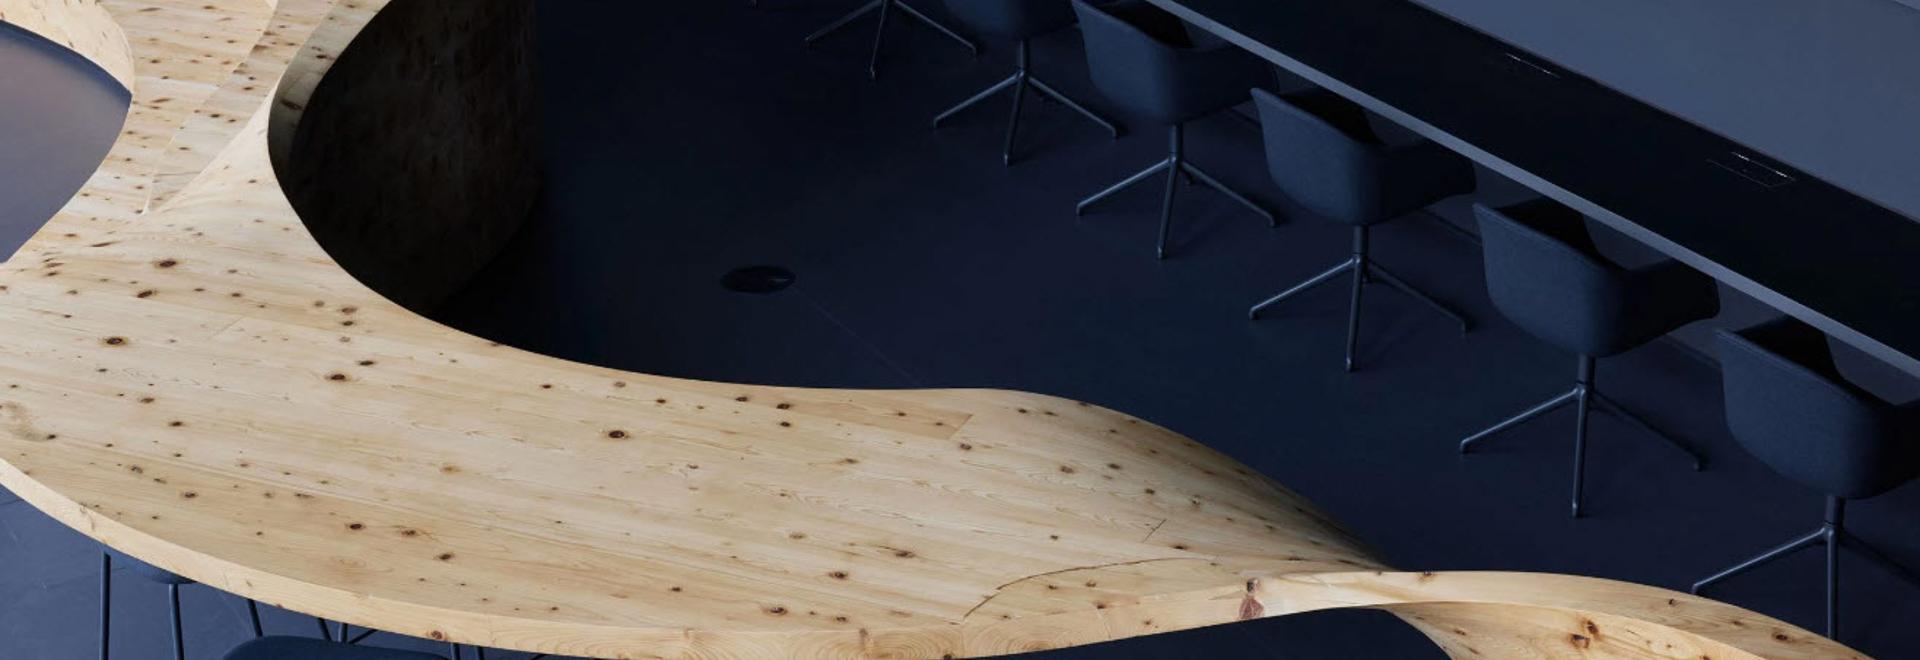 Snøhetta inserta muebles inspirados en una pincelada en el espacio de co-working de Tokio